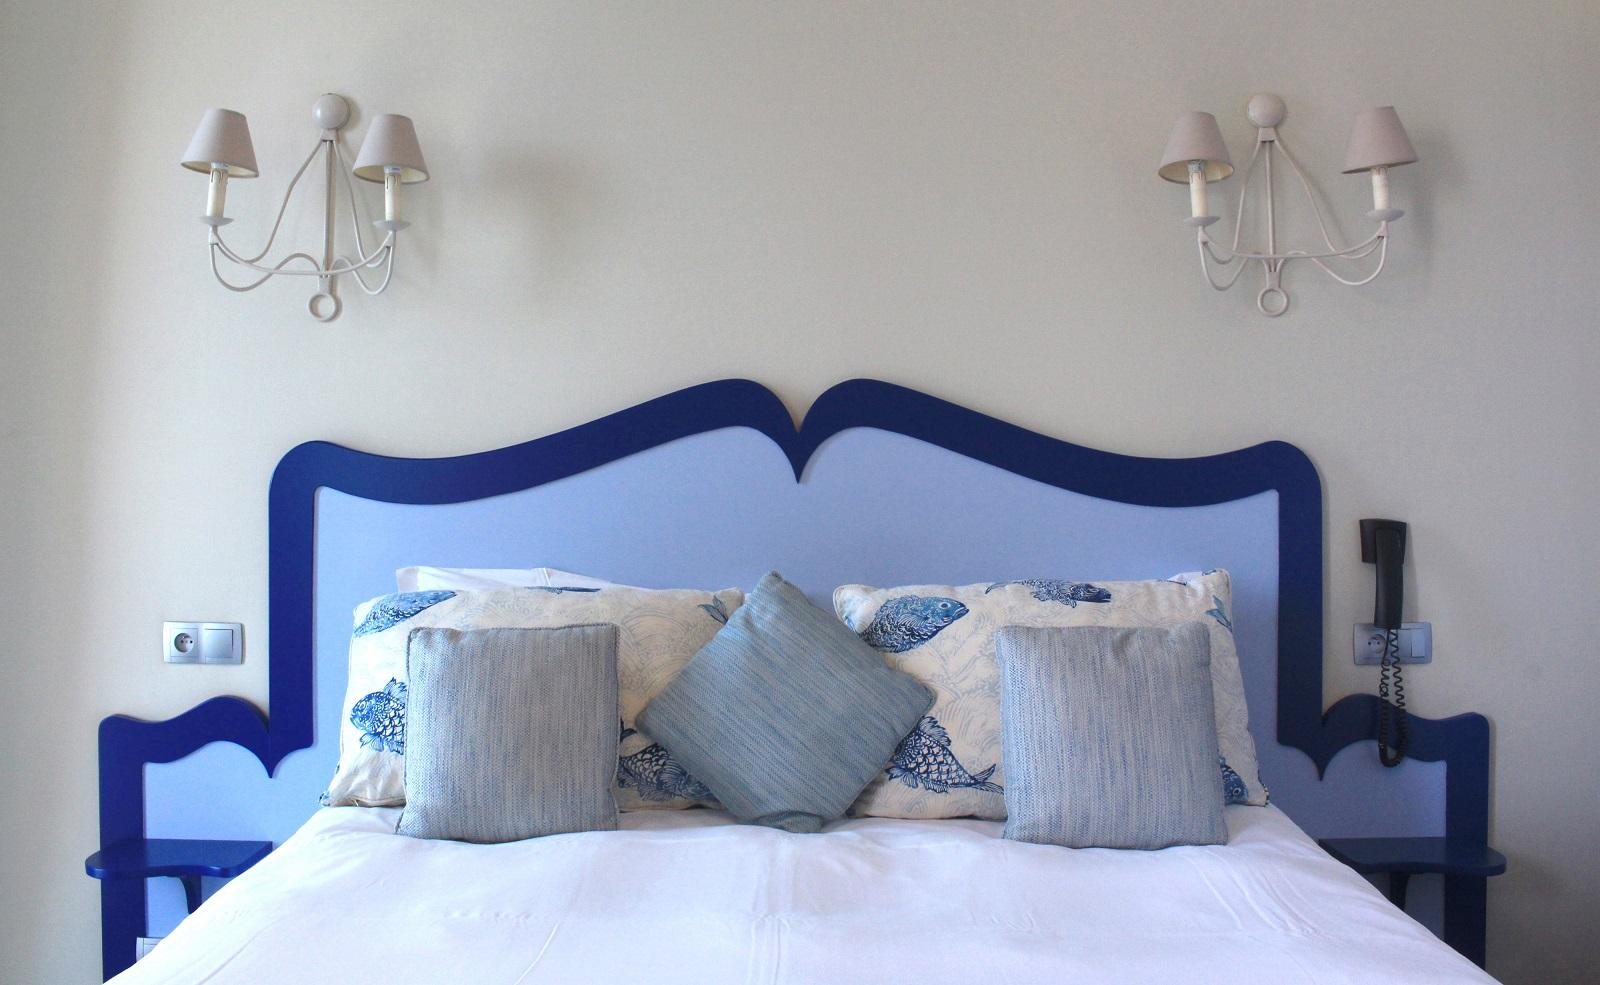 Welcome Hotel. Huoneissa on käytetty merellisiä värejä.